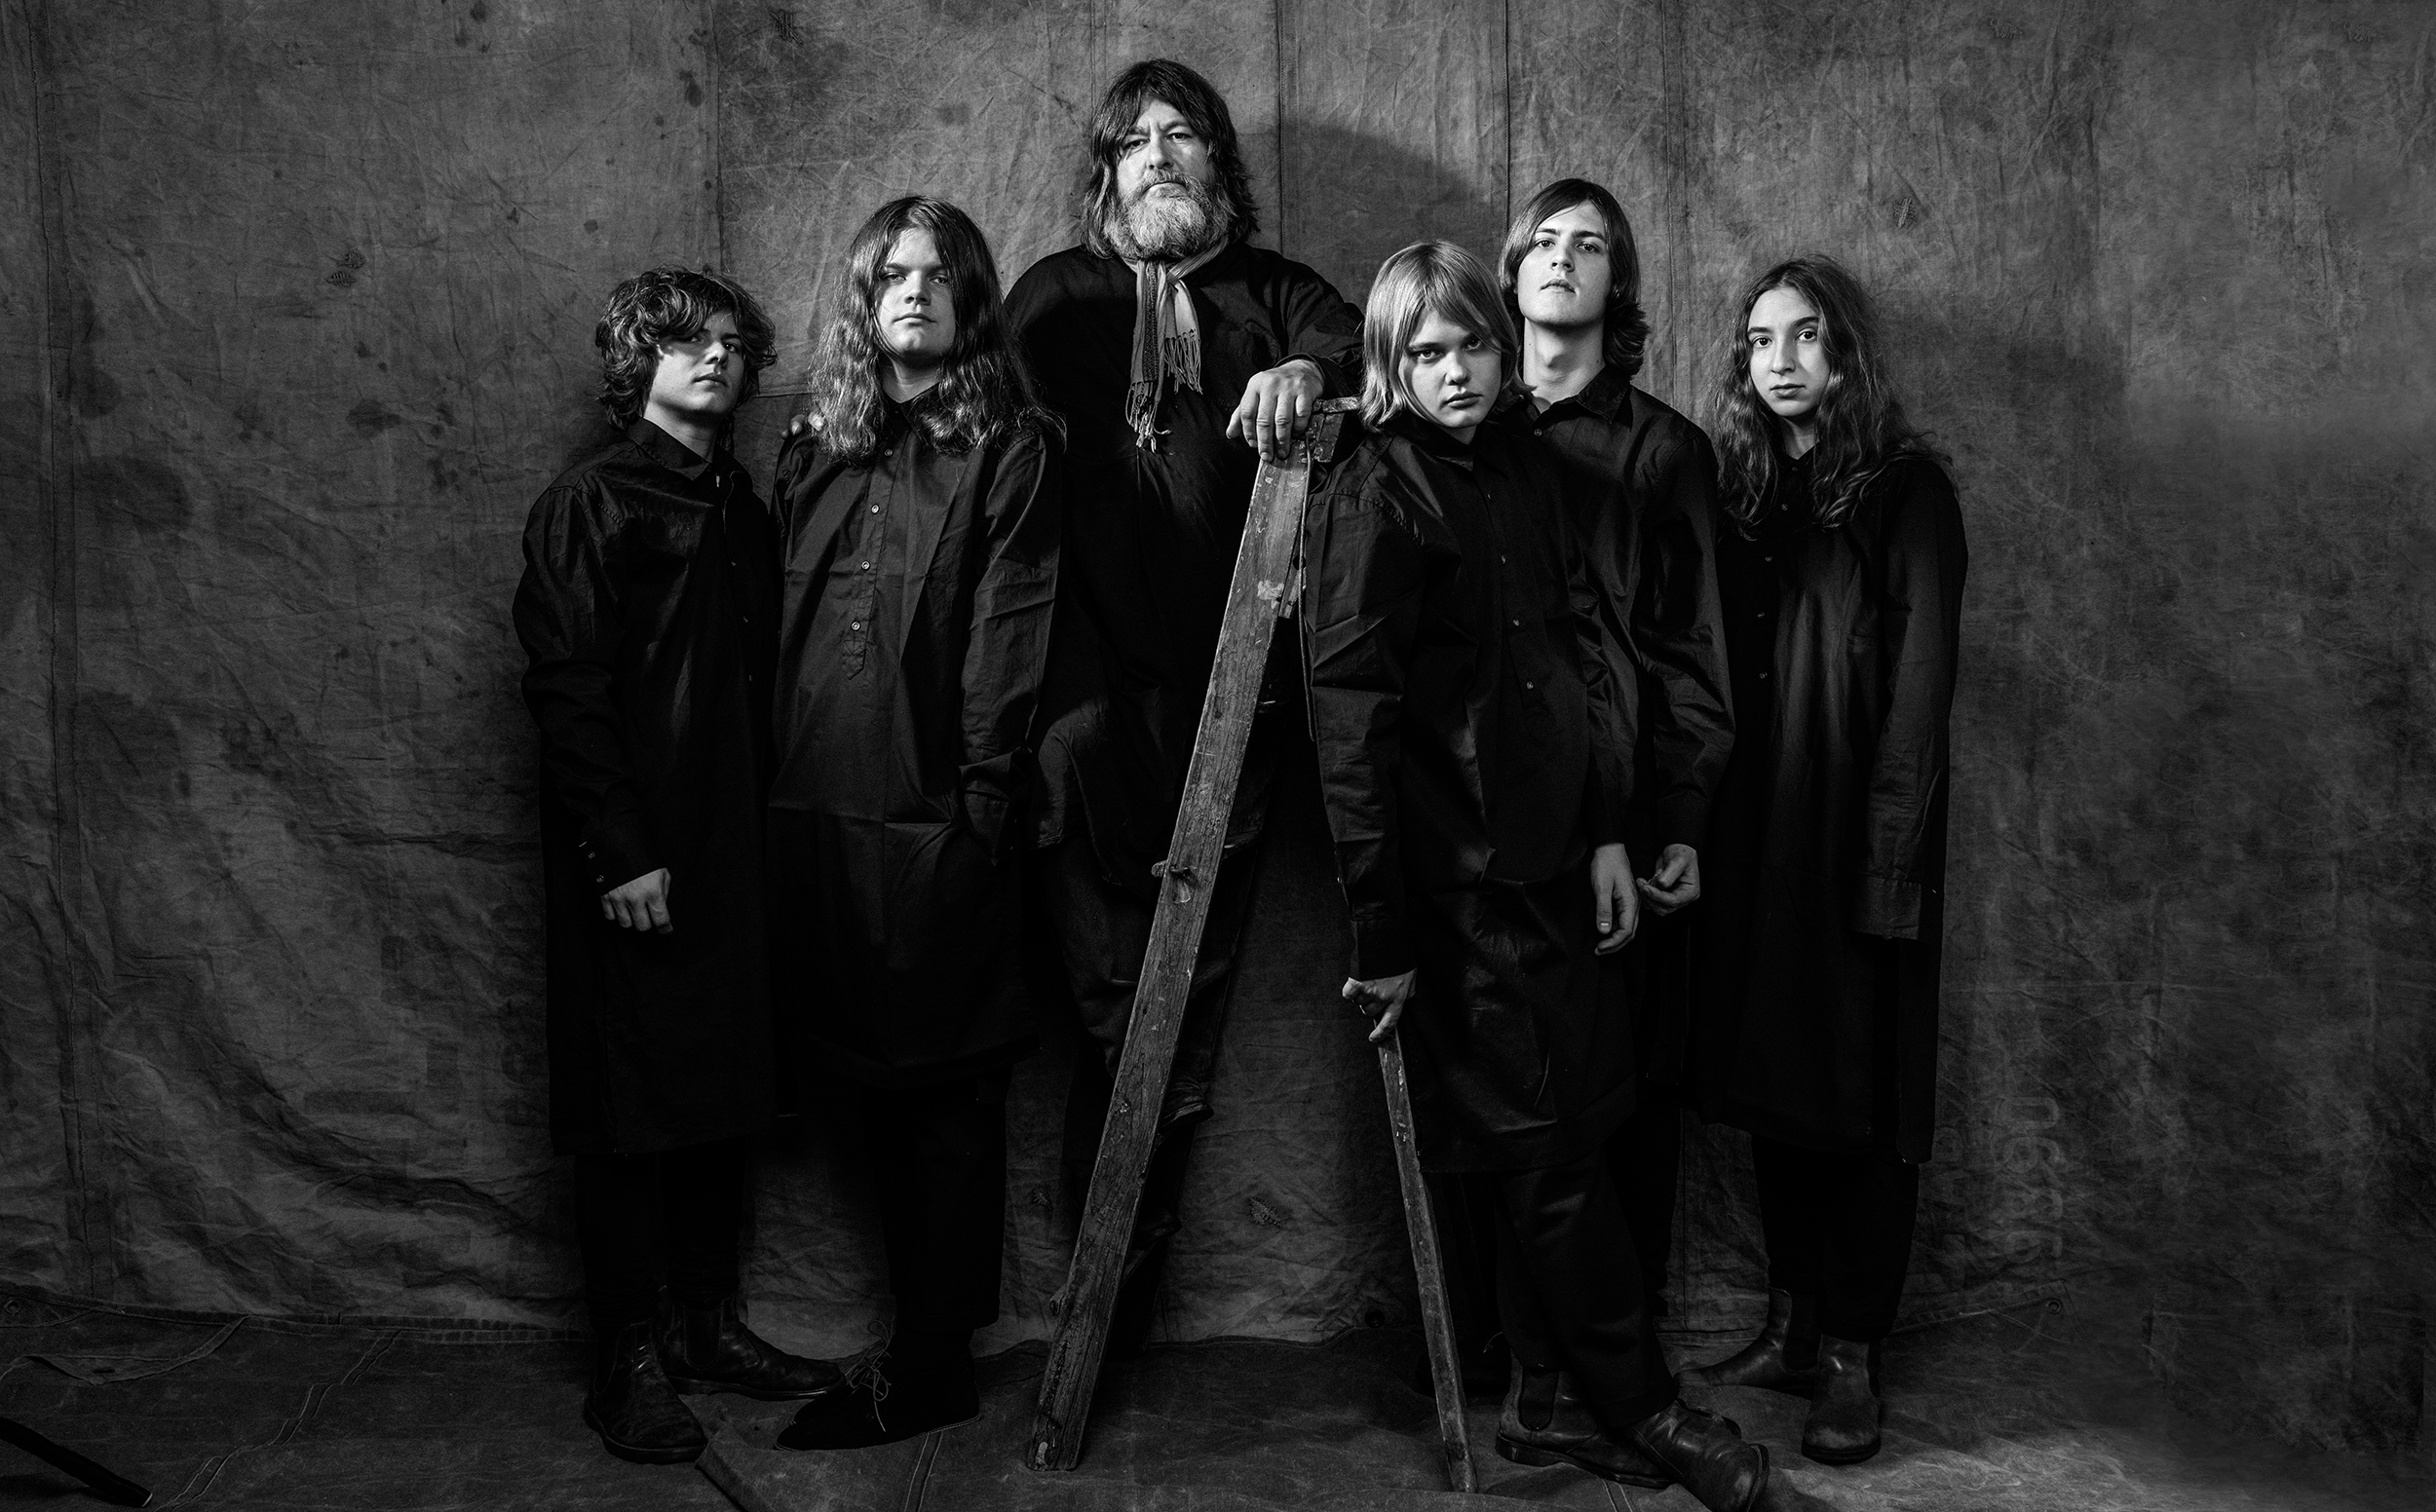 Musik, Ebbot Lundberg & The Indigo Children bandfoto I studio